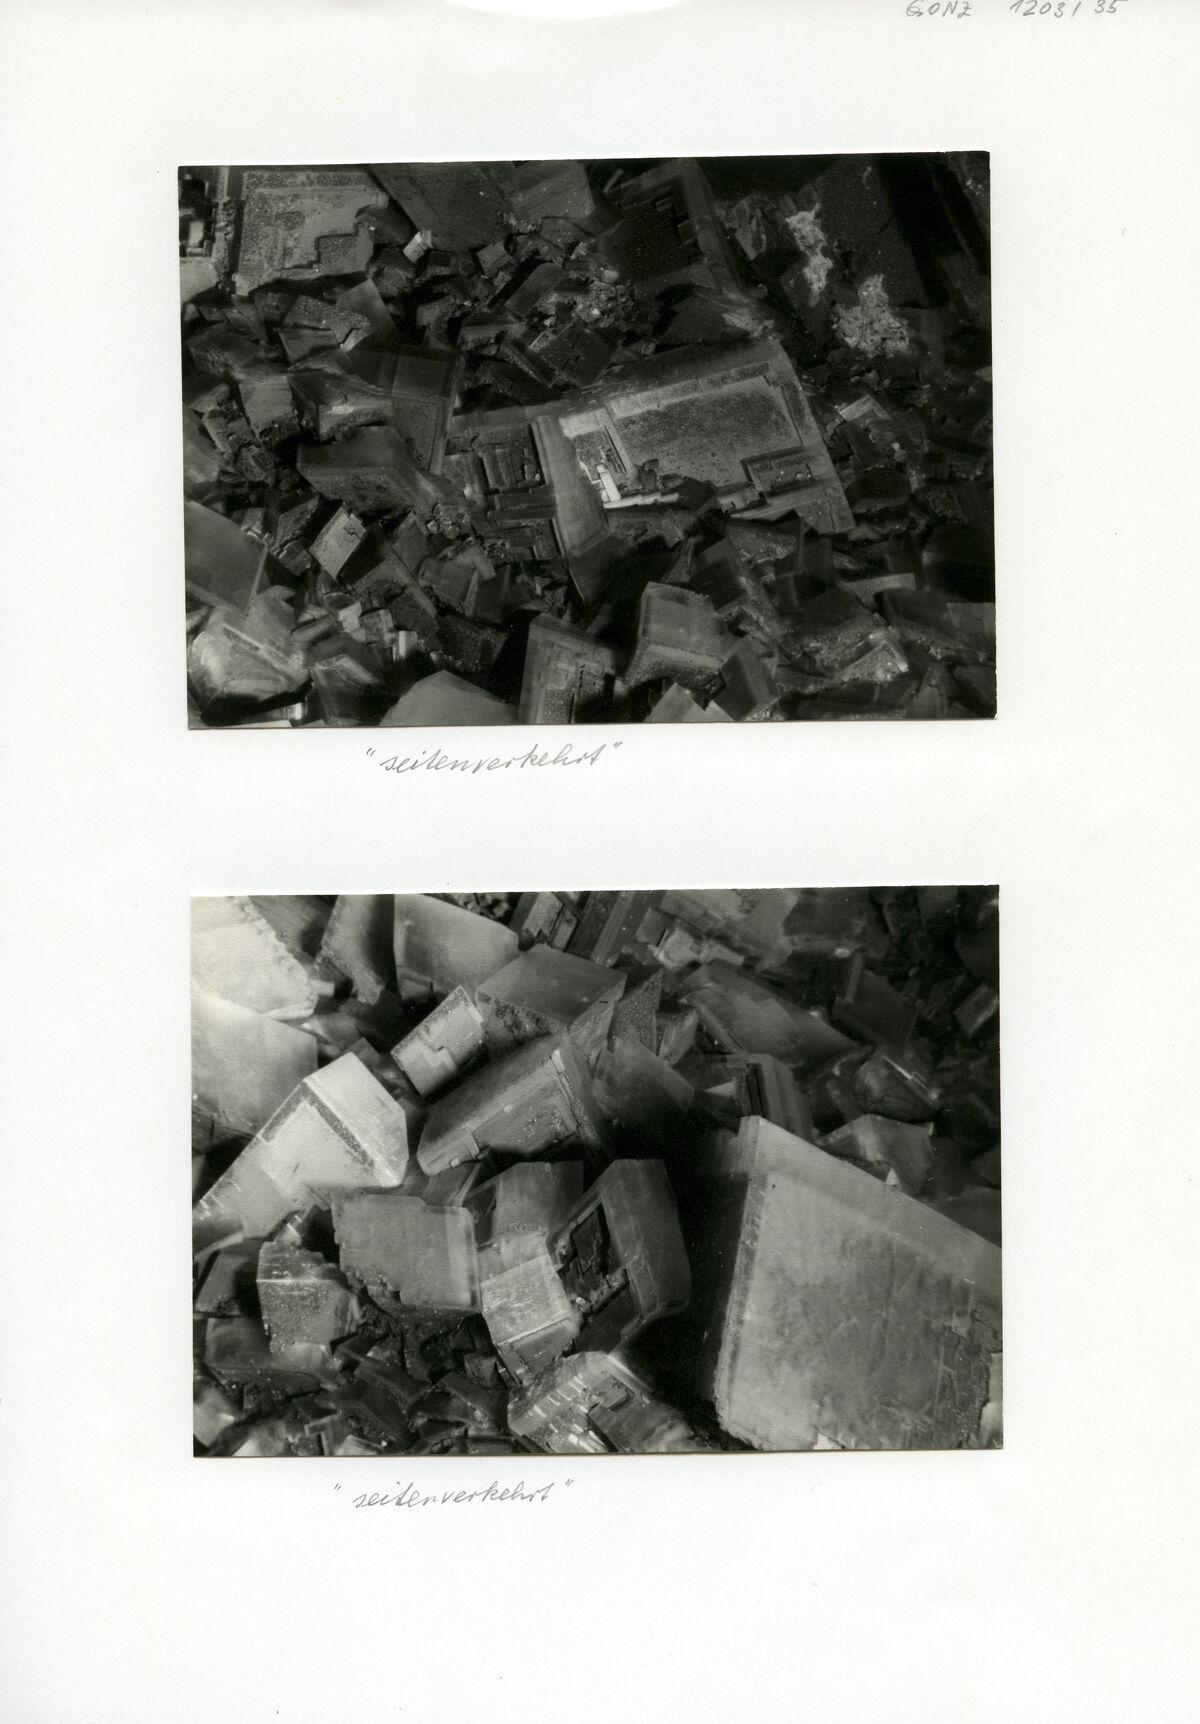 EBA 2/321.40: Gonzen, mine photos underground